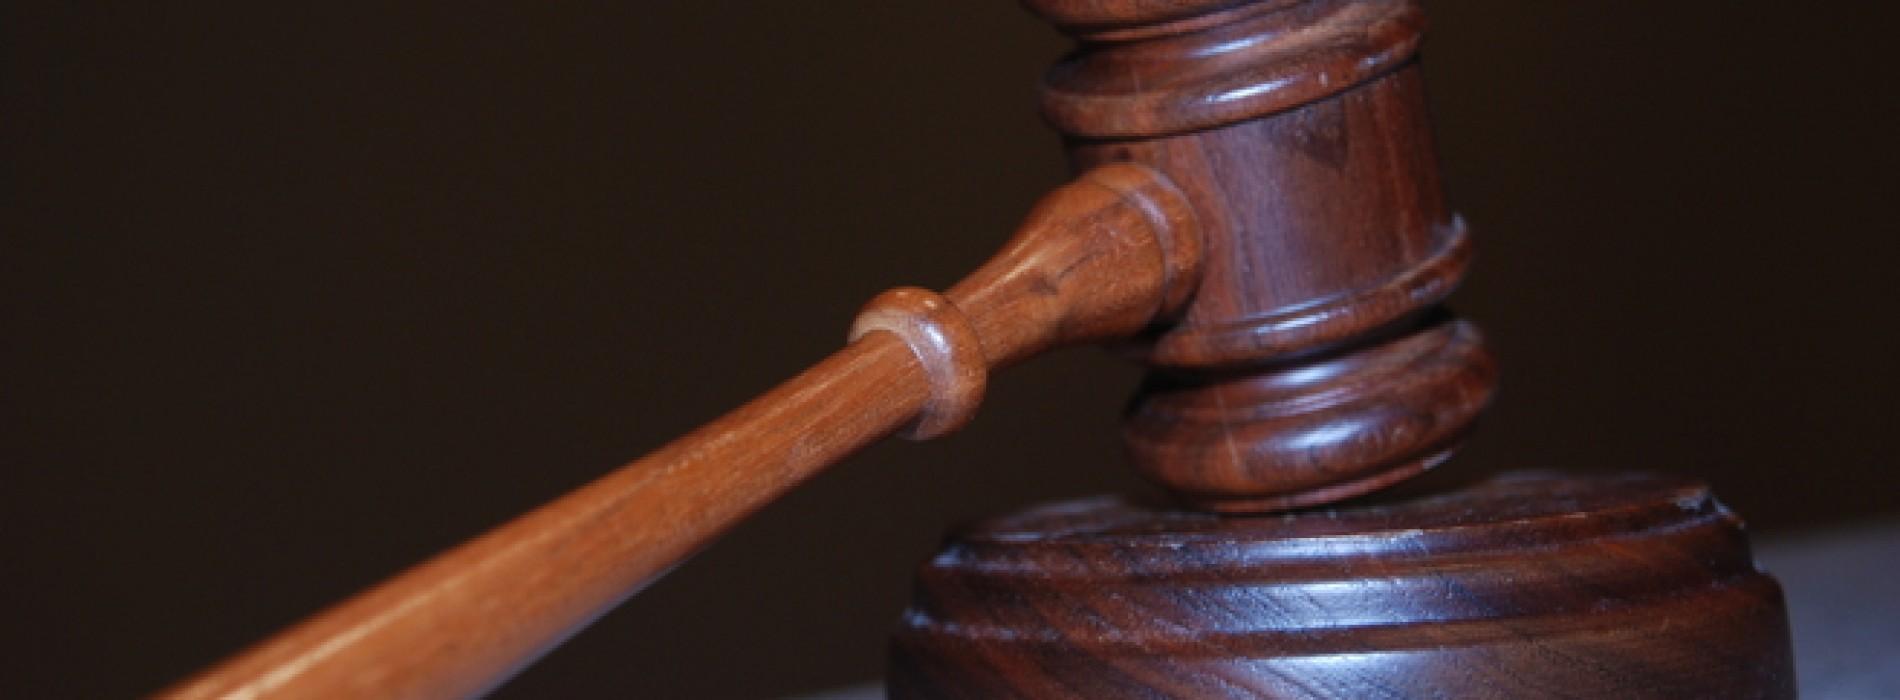 Podział majątku po rozwodzie – notarialnie czy sądowo?